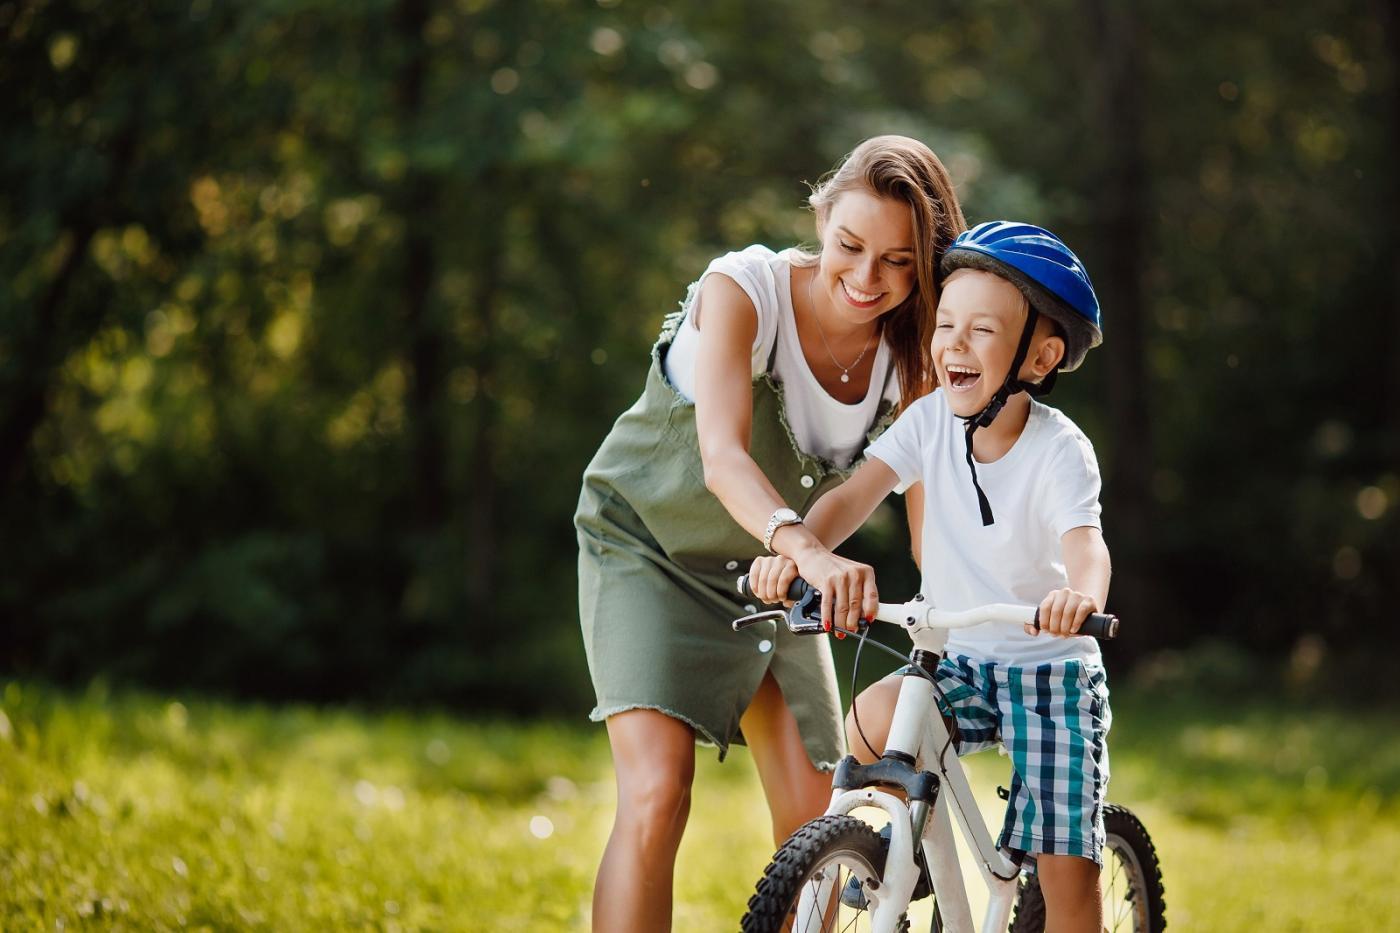 Chcesz kupić rower dla dziecka? Sprawdź koniecznie ten artykuł!